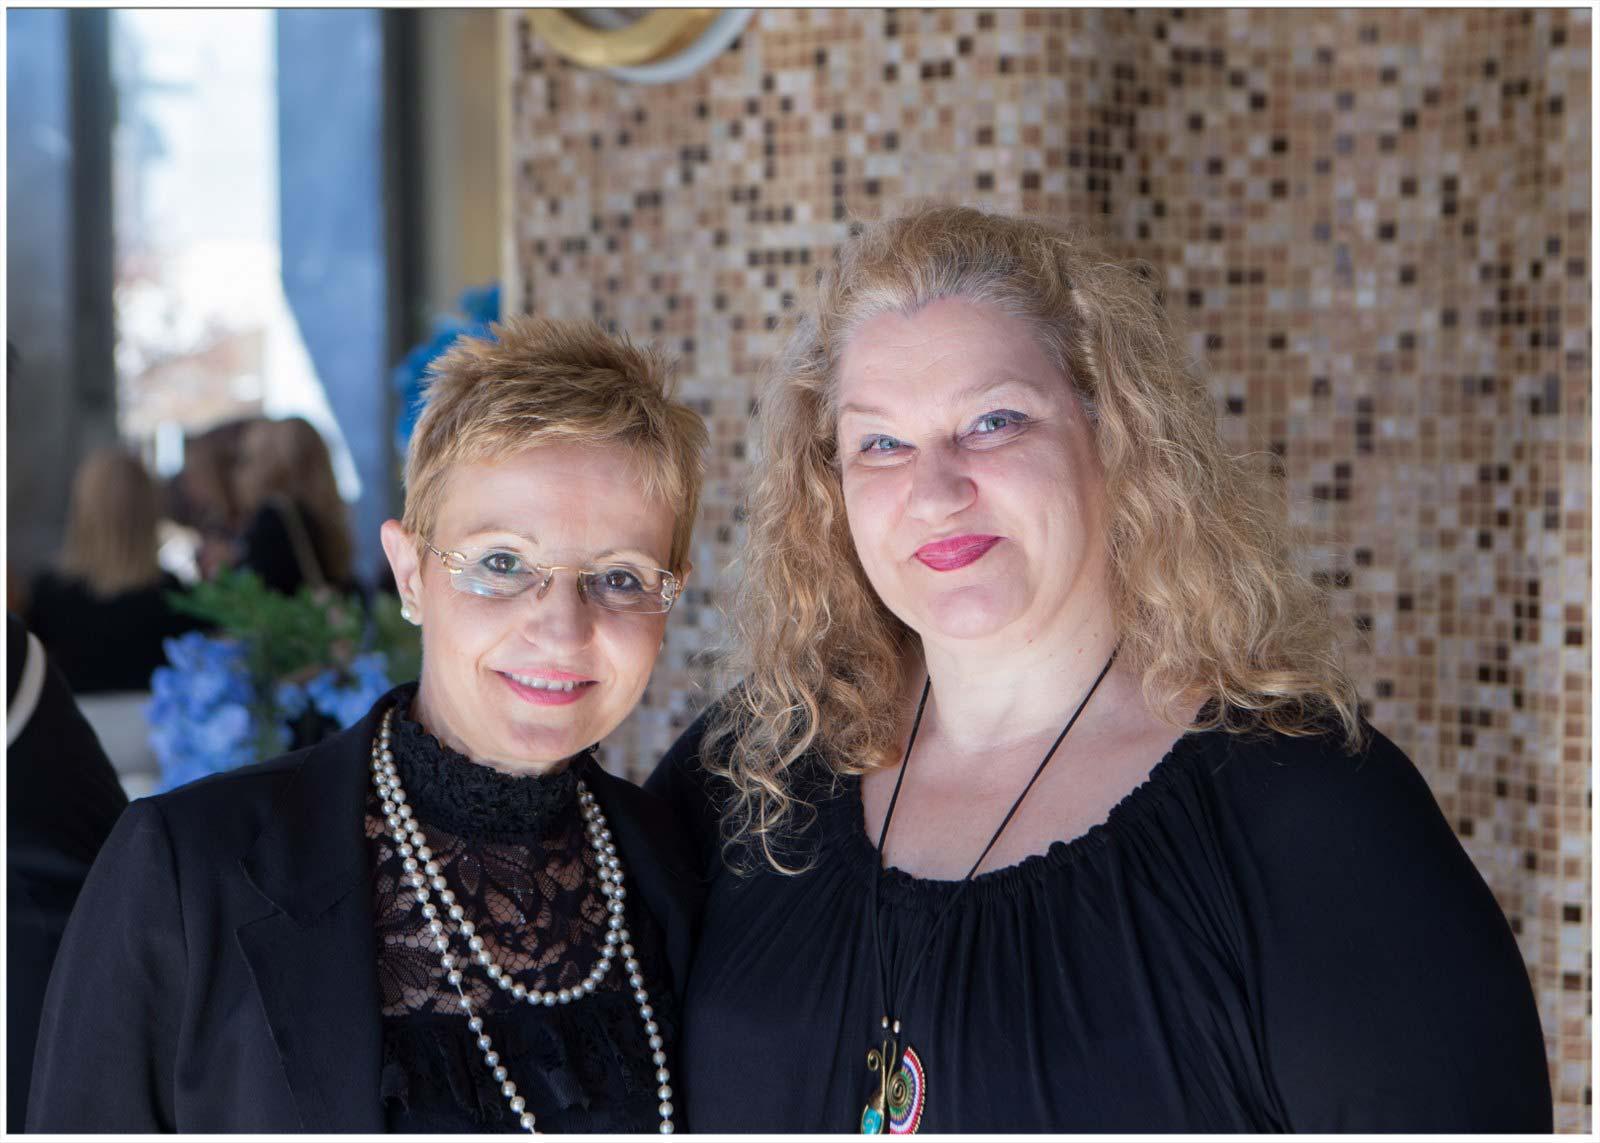 Η Ταμίας του Συλλόγου κα Ελένη Σαράντη με την Γενική Γραμματέα κα Ρούλα Μιχαλοπούλου